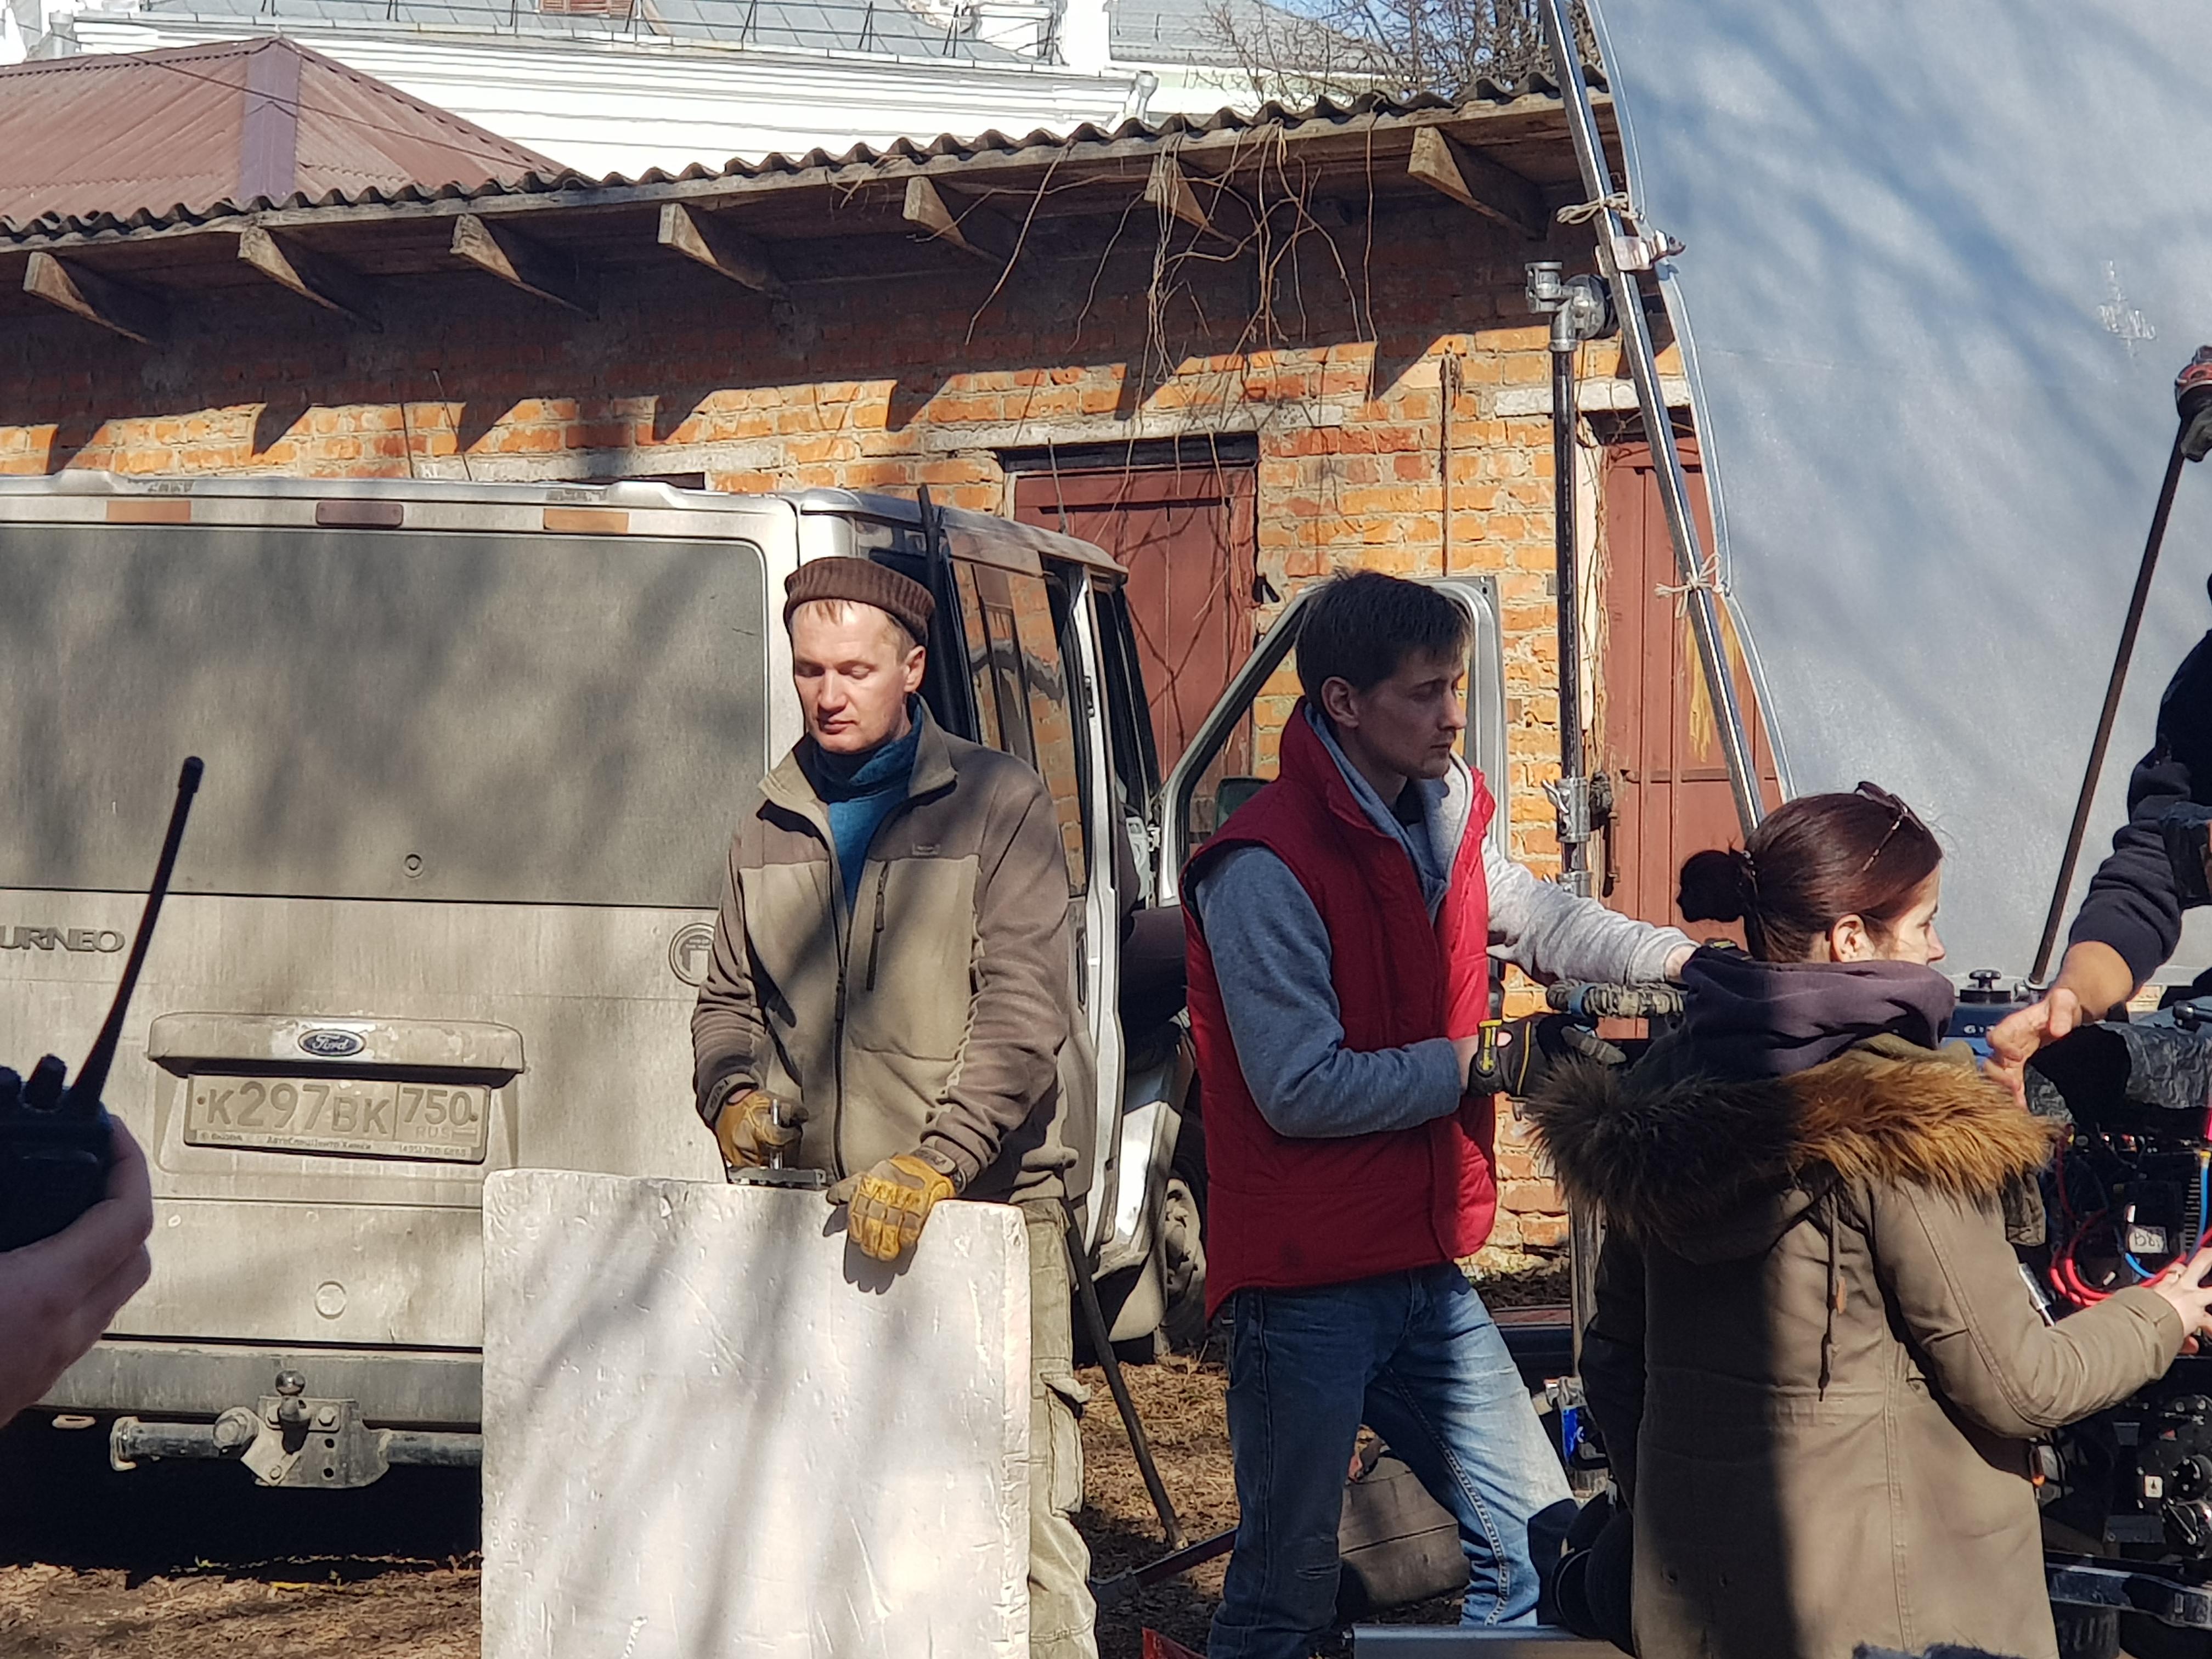 съемки сериала Хранители в Смоленске